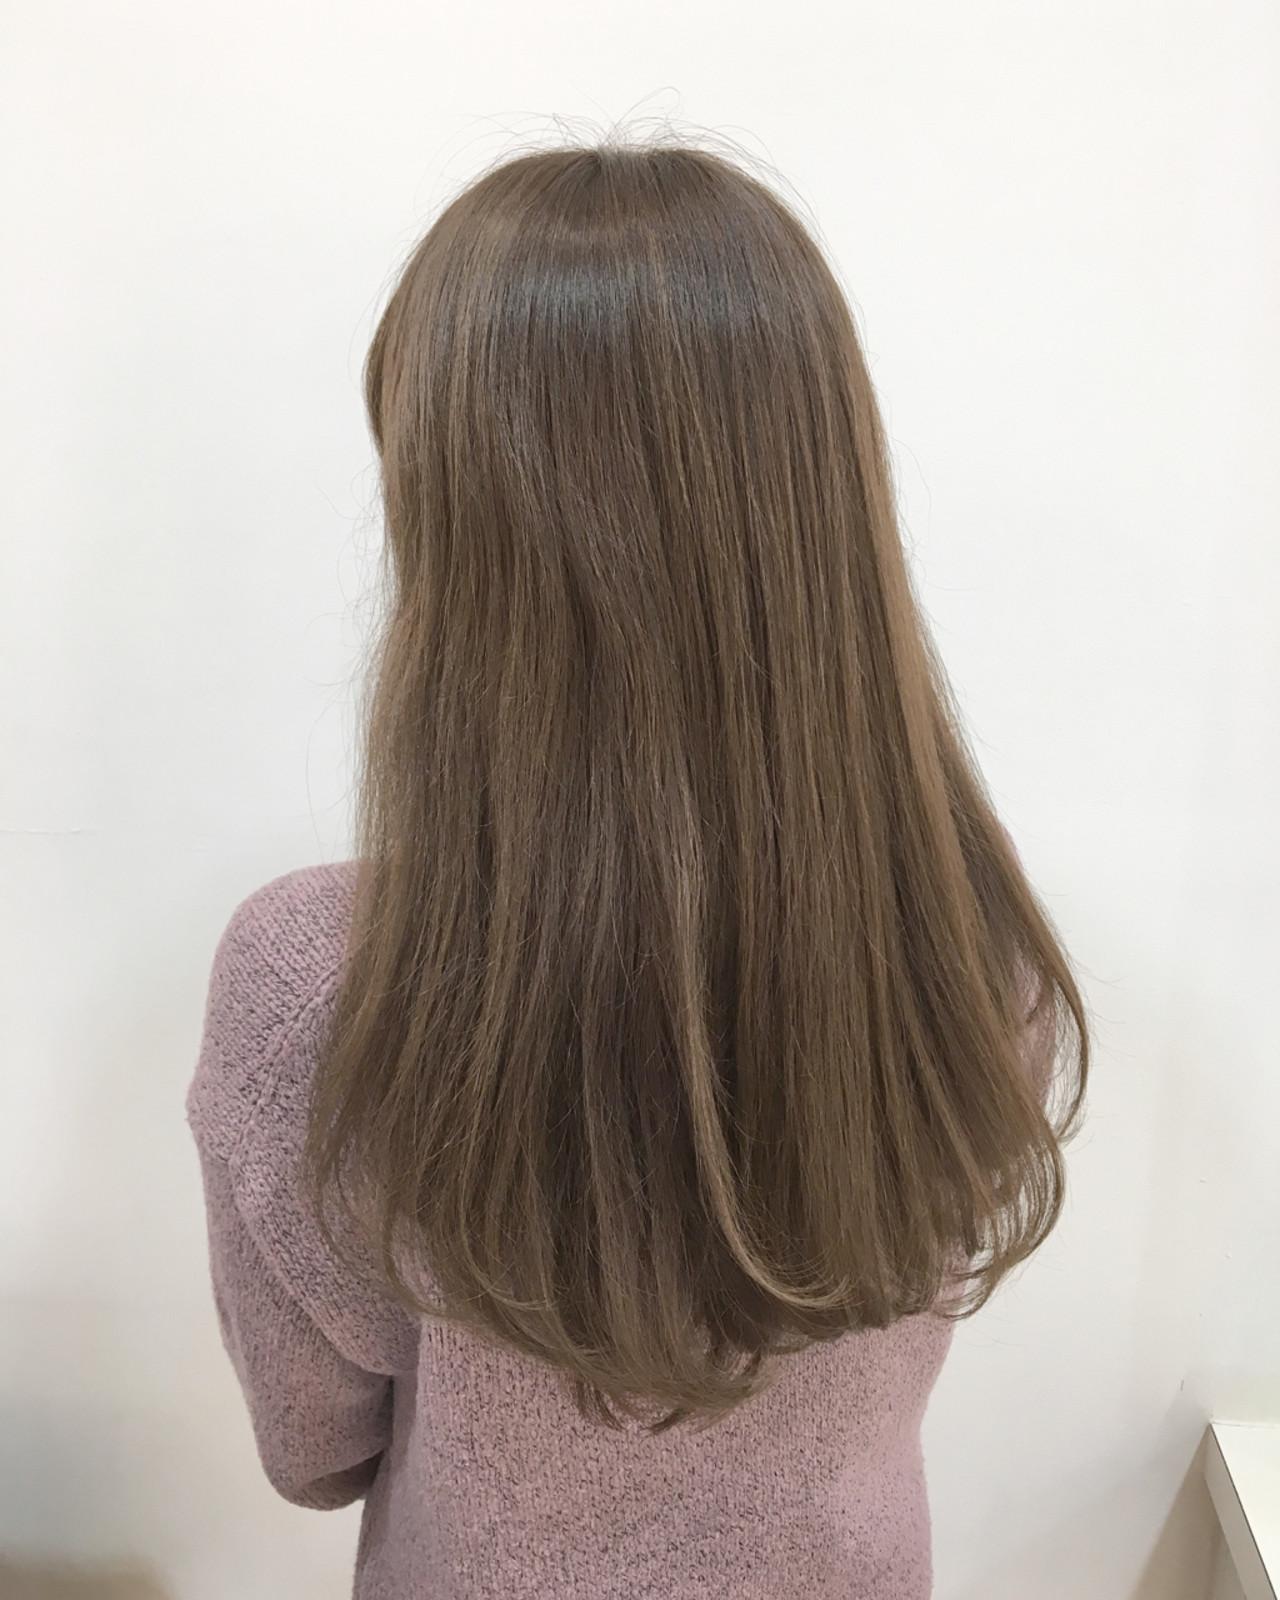 ピンク おフェロ ロング 大人女子 ヘアスタイルや髪型の写真・画像 | 海崎 剛史 / justbeauty Really